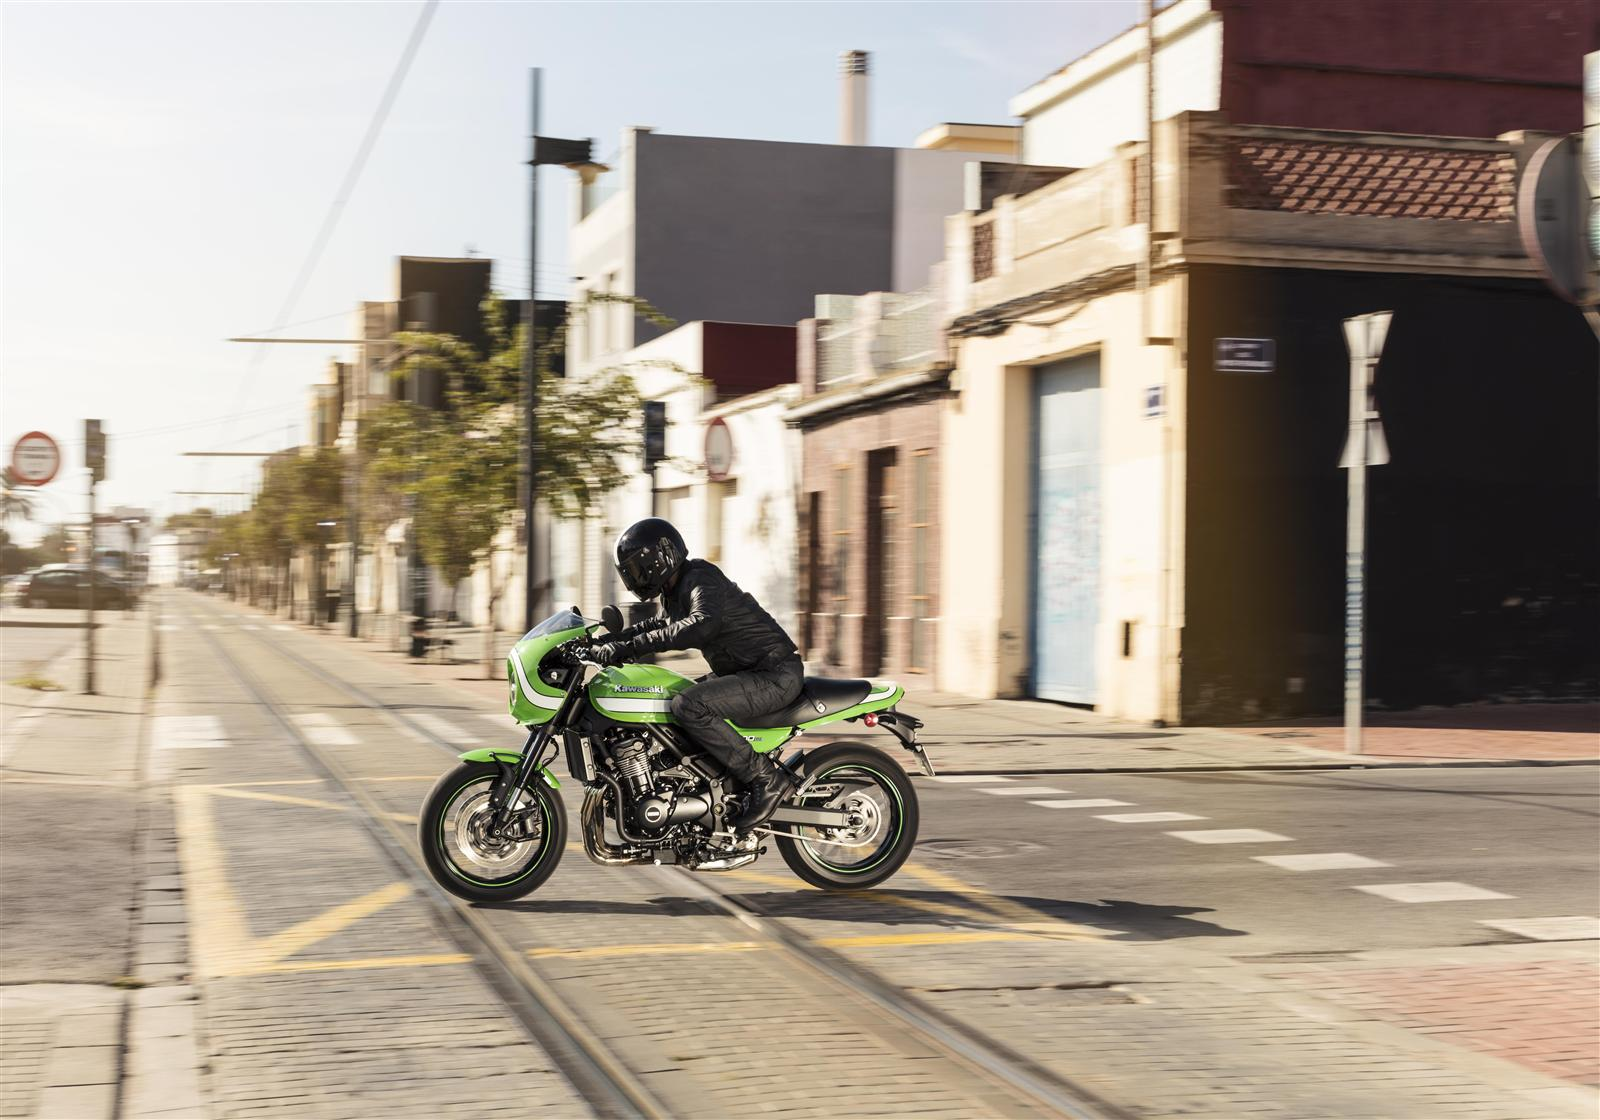 Kawasaki ZR900RS Cafe uliczny wyścig